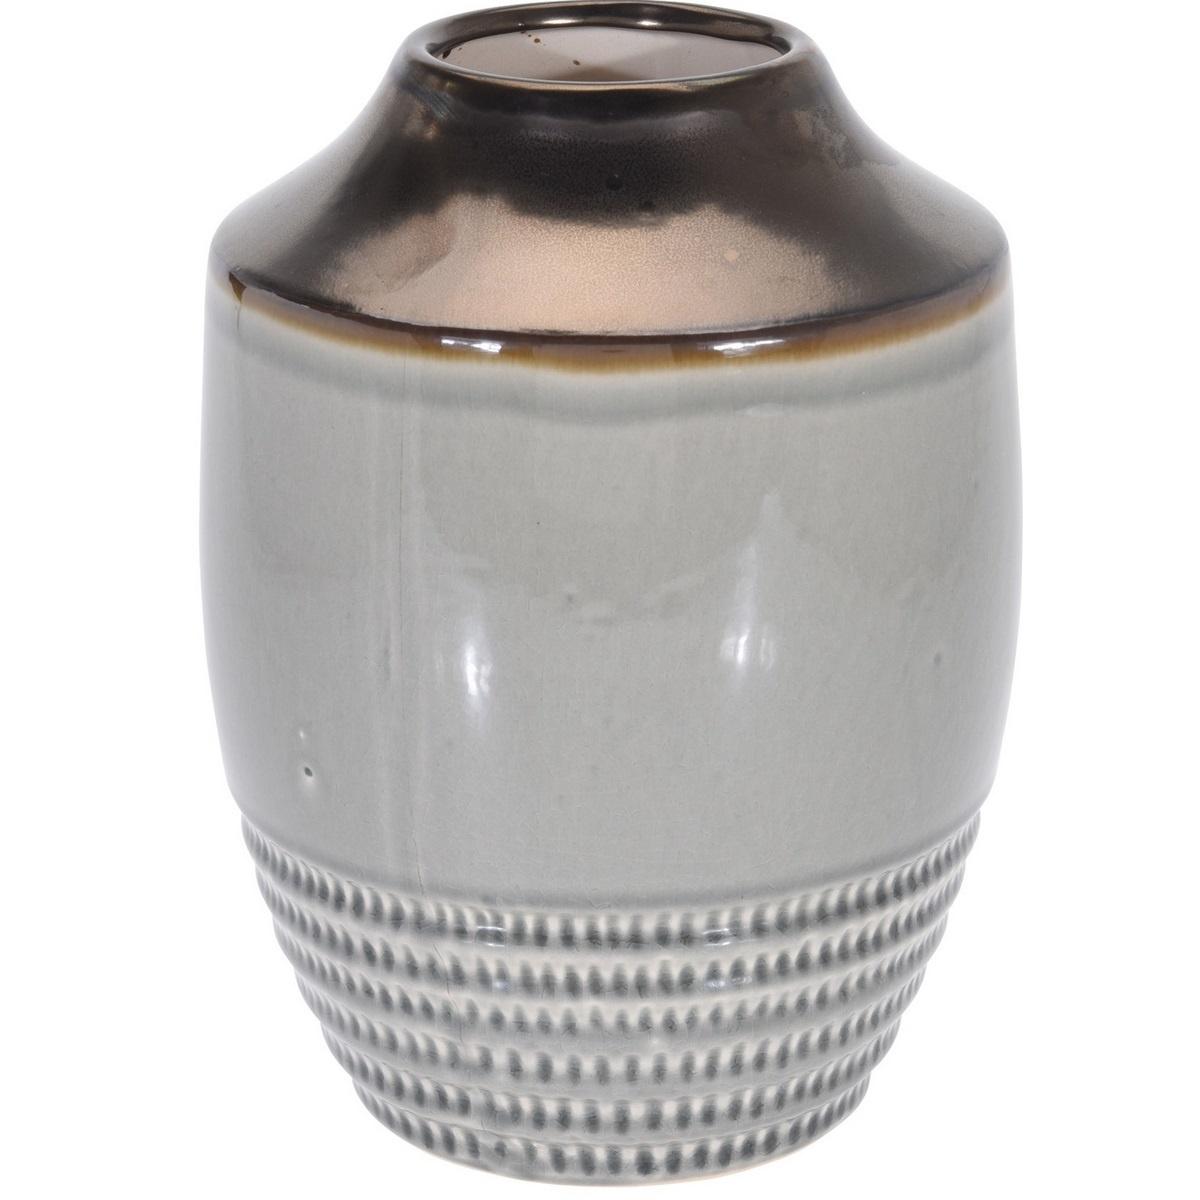 Wazon ceramiczny Anadia szary, 18,5 x 25 cm